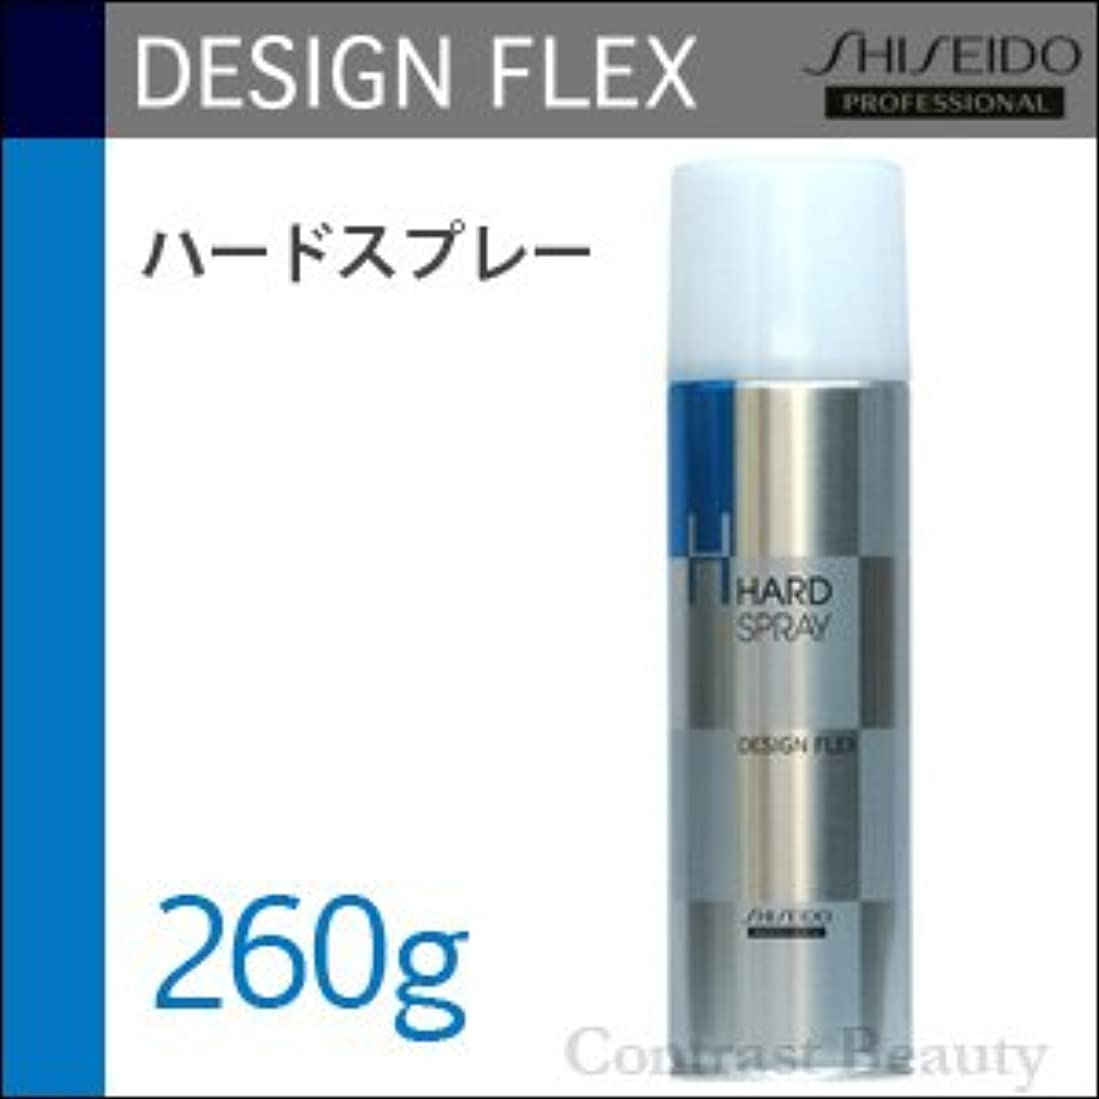 狂うドキドキかき混ぜる【x4個セット】 資生堂 デザインフレックス ハードスプレー 260g